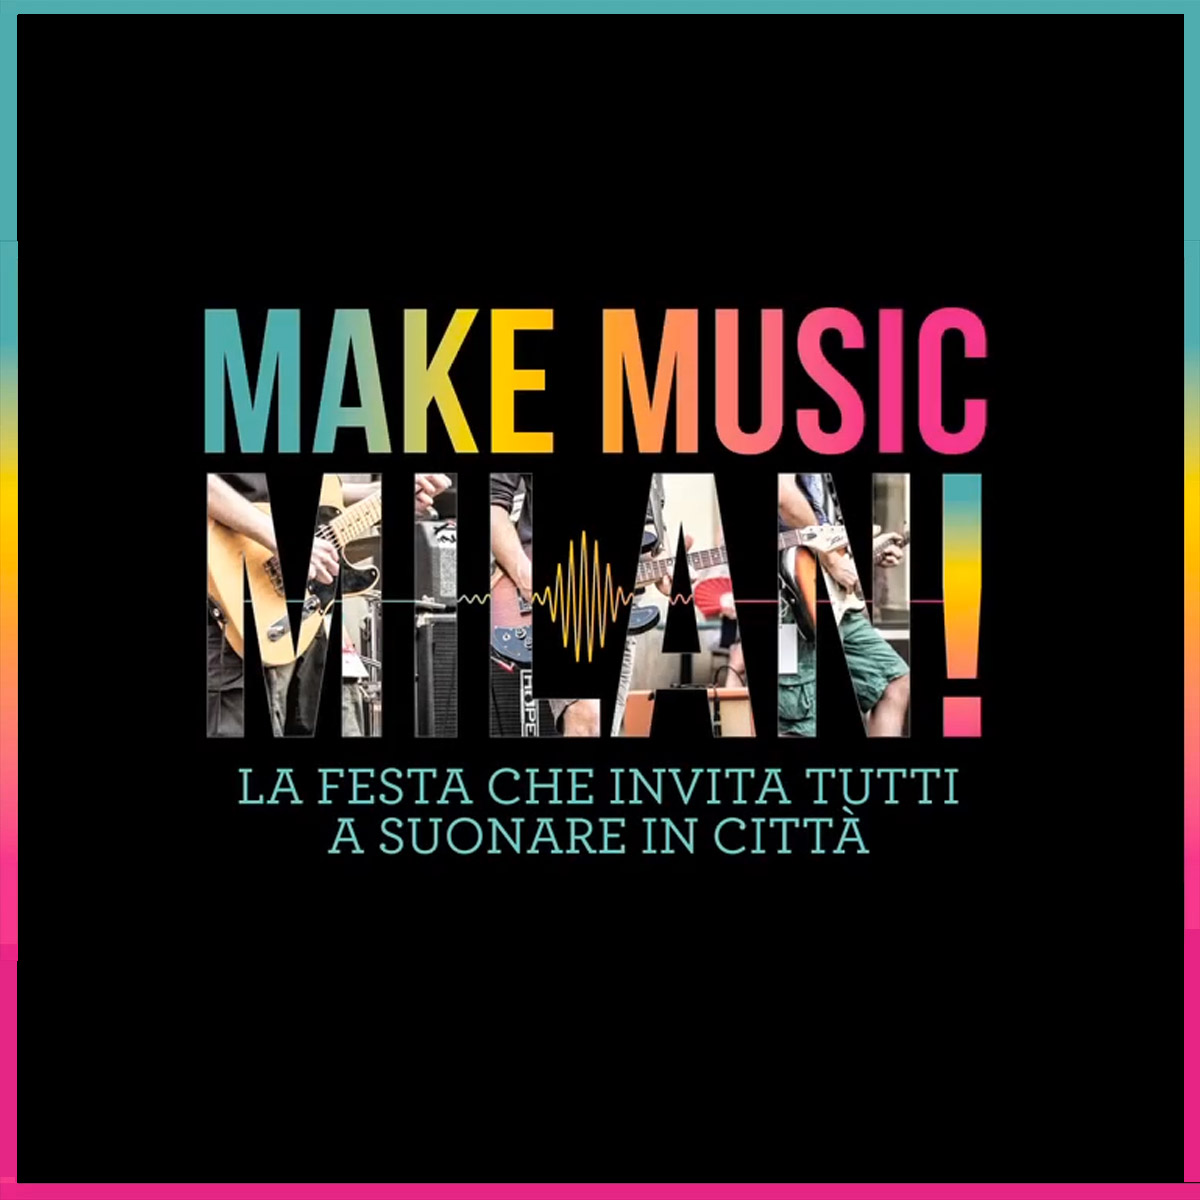 Make Music Milan - Festa della musica Milano